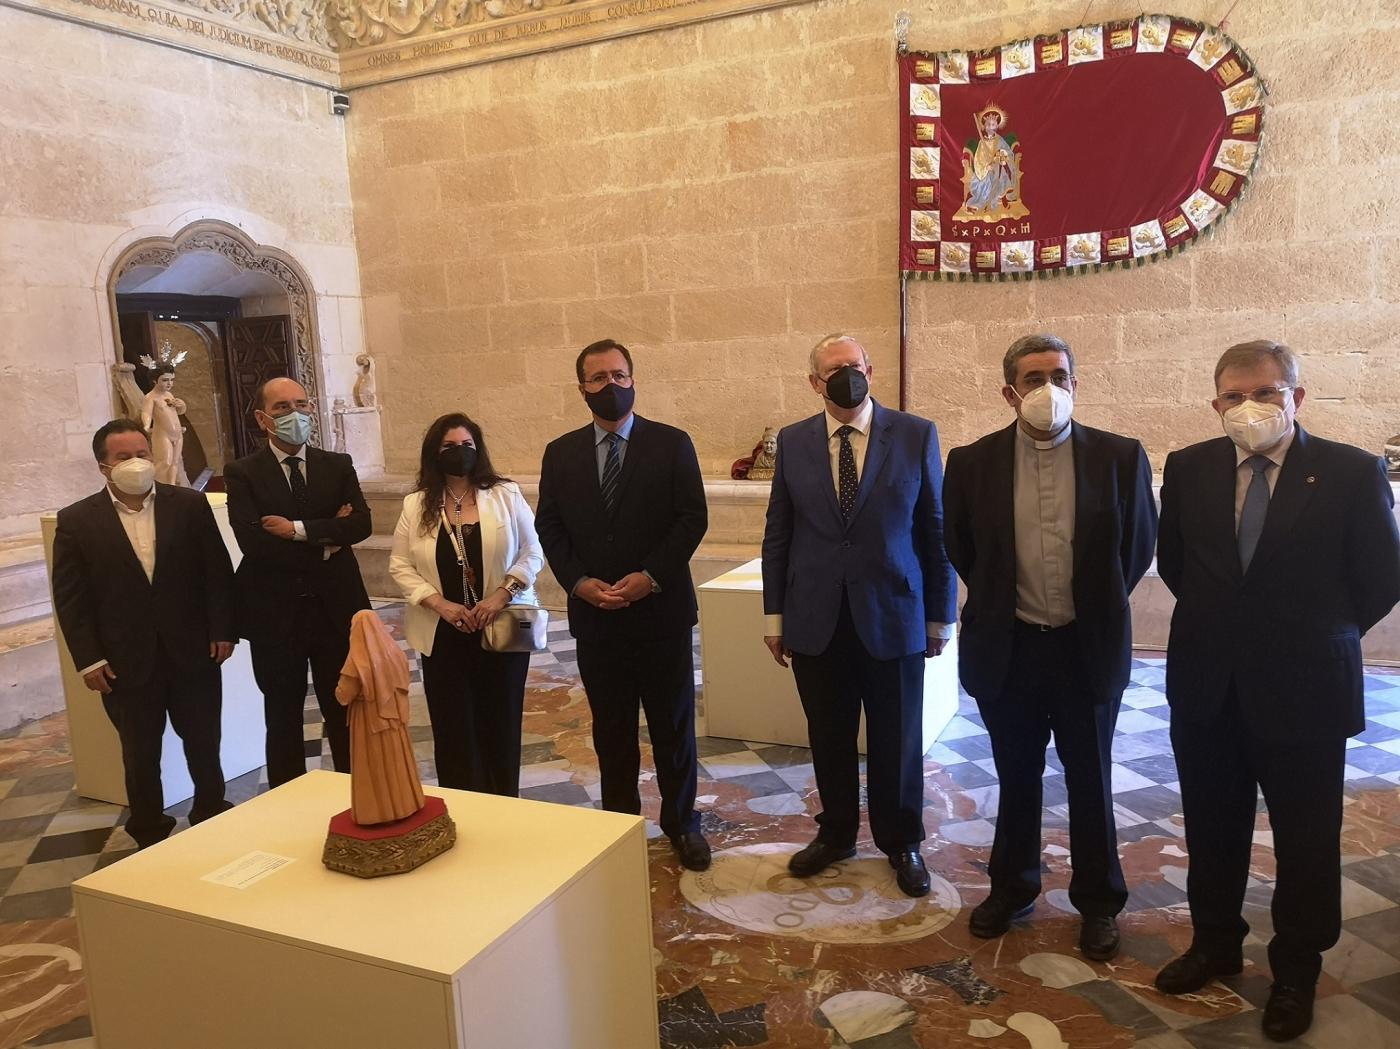 La exposición AmparArte del Ayuntamiento busca recaudar fondos para restaurar un retablo